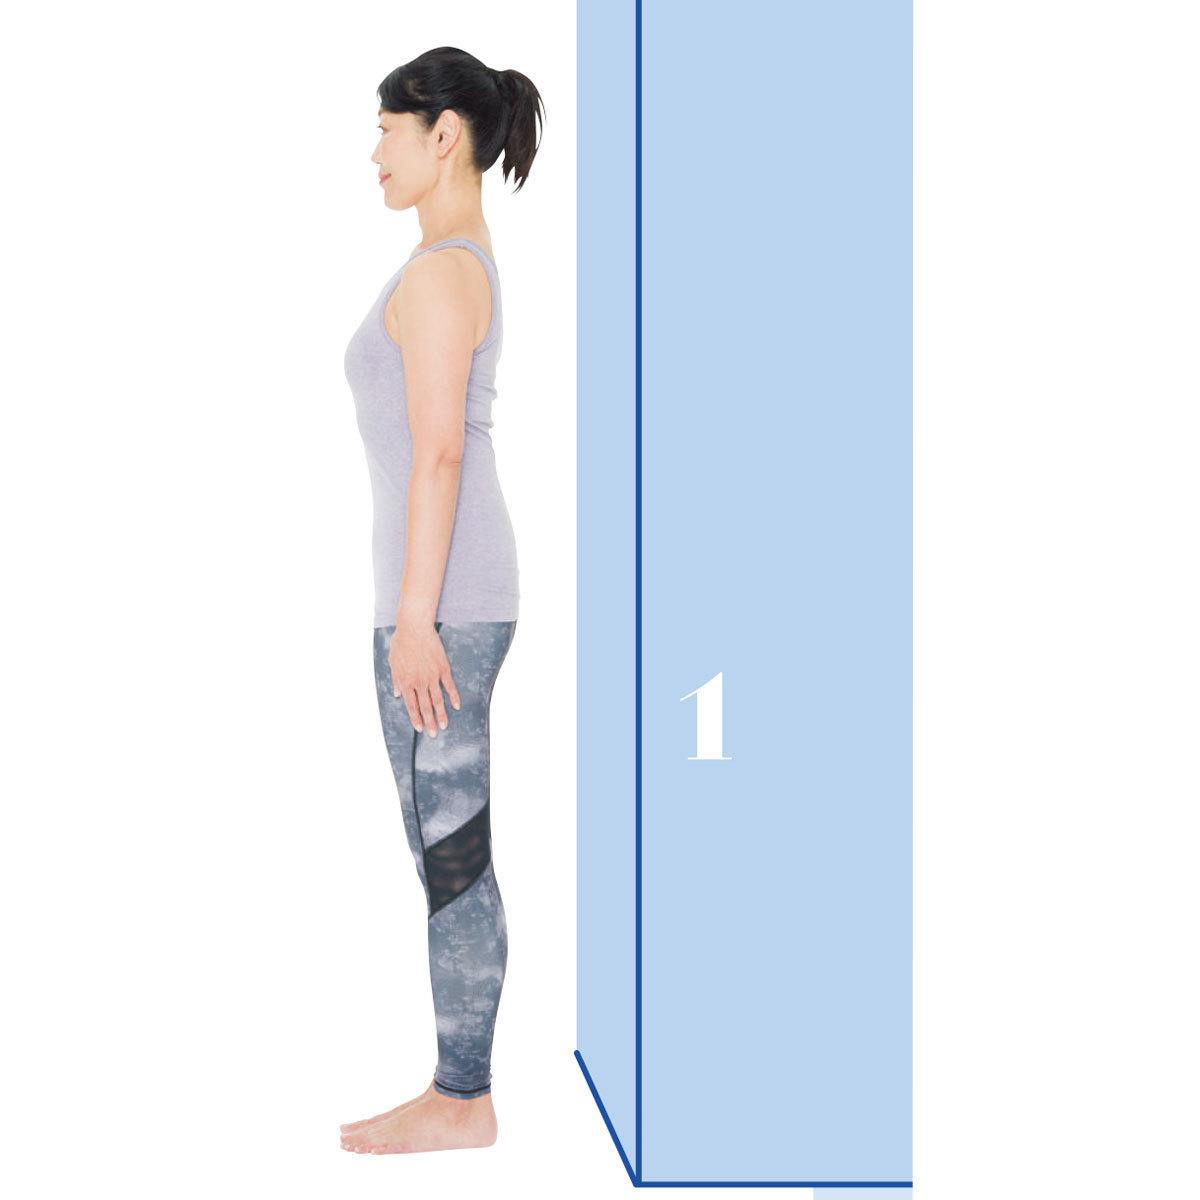 頭を正しい位置に戻す1:頭を後ろに戻すエクササイズ1